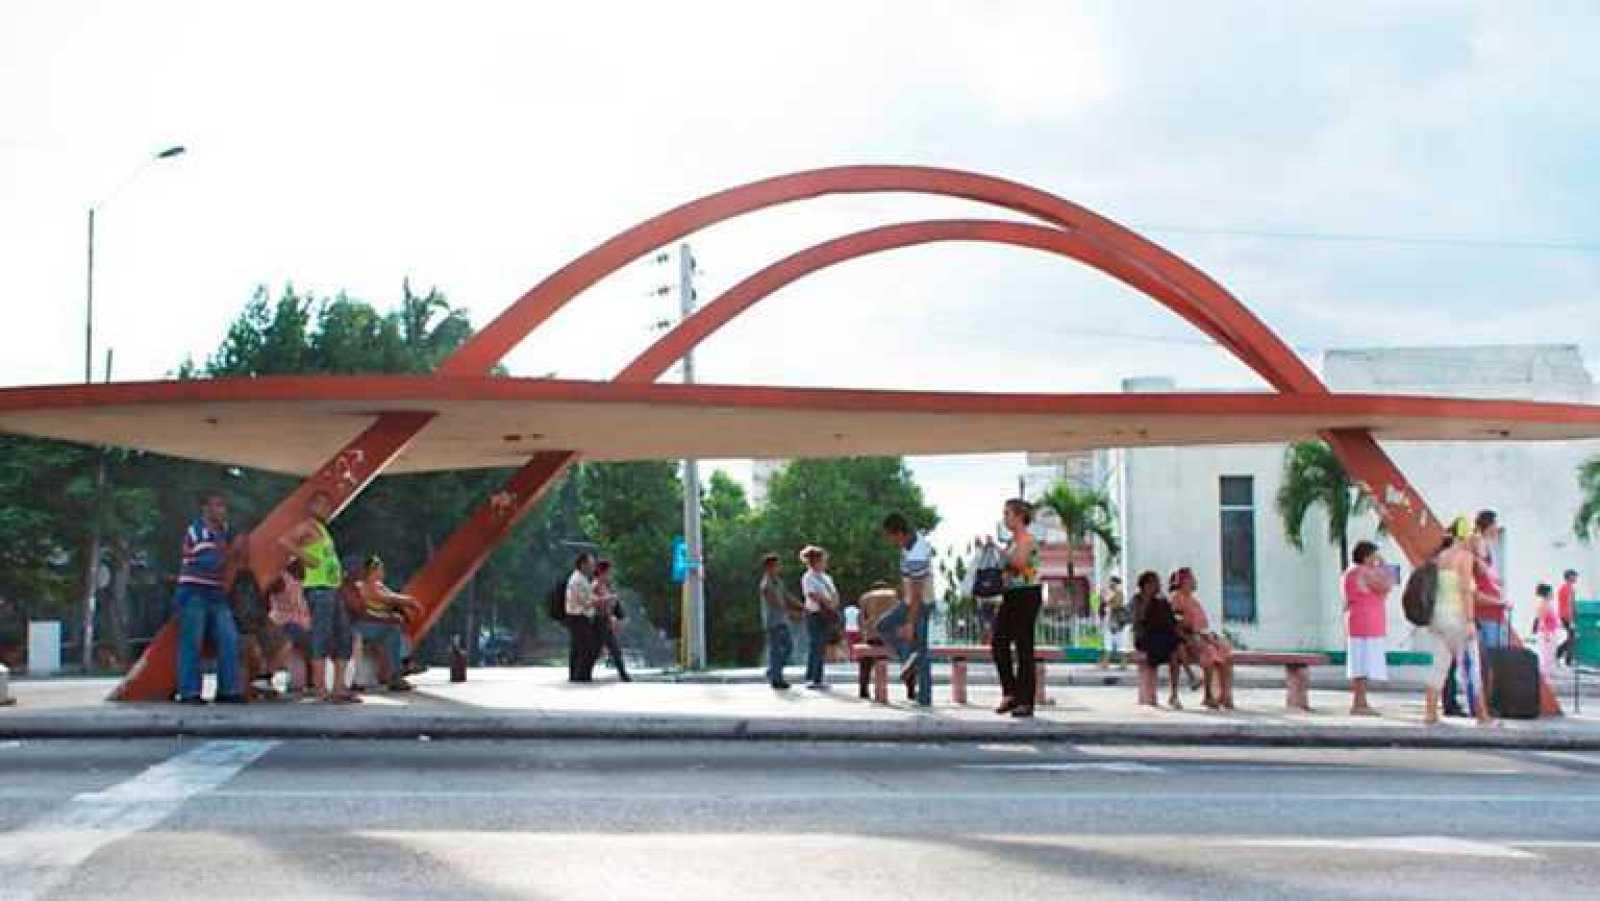 Metrópolis - Lugares de tránsito - Ver ahora